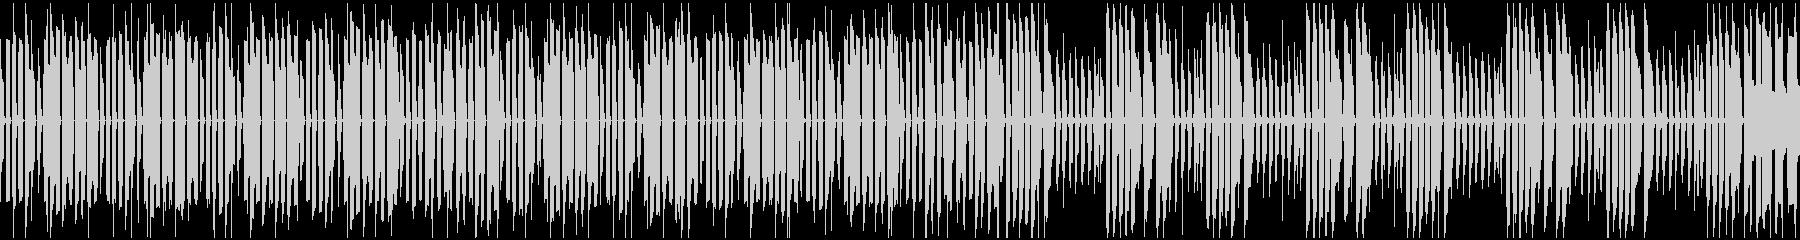 8bit風ループ音源です。の未再生の波形